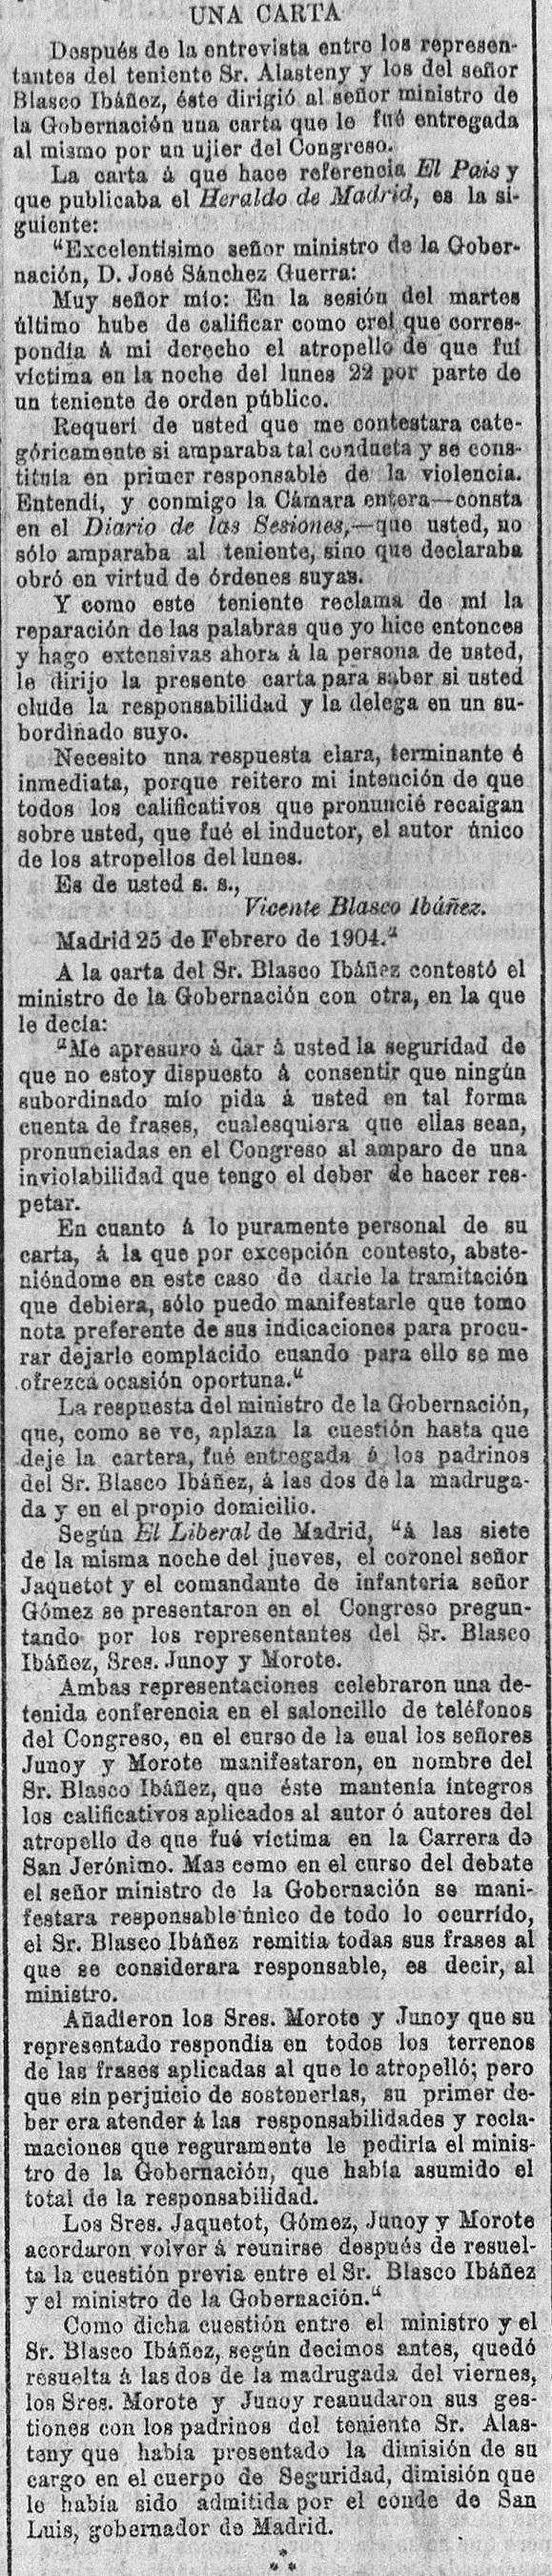 'El Pueblo : diario republicano de Valencia (28/02/1904).